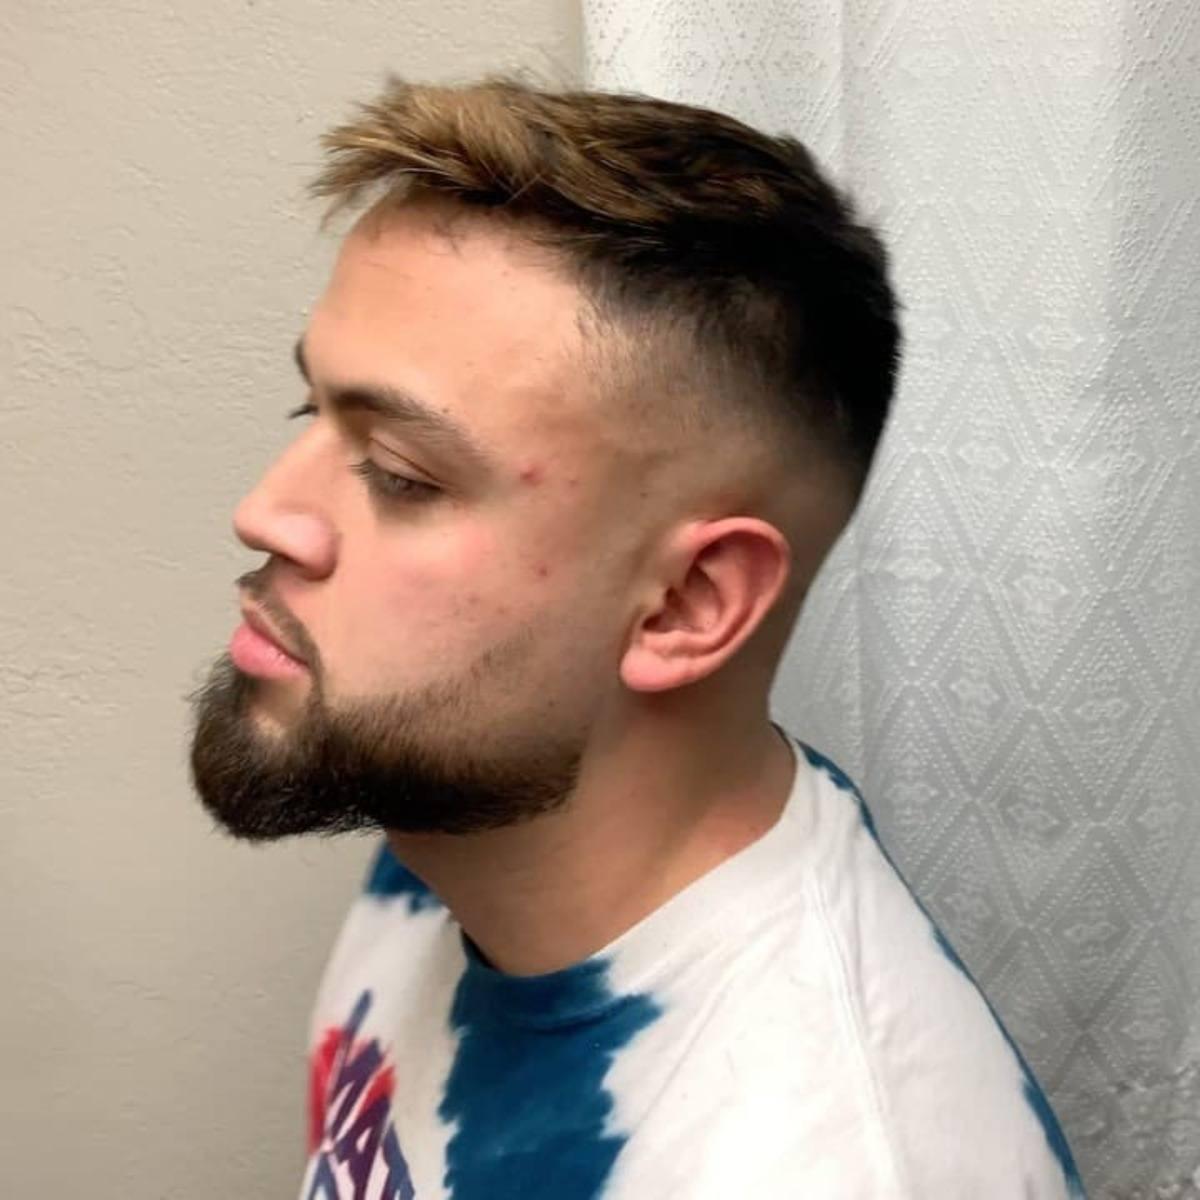 La barba se funde con la perilla